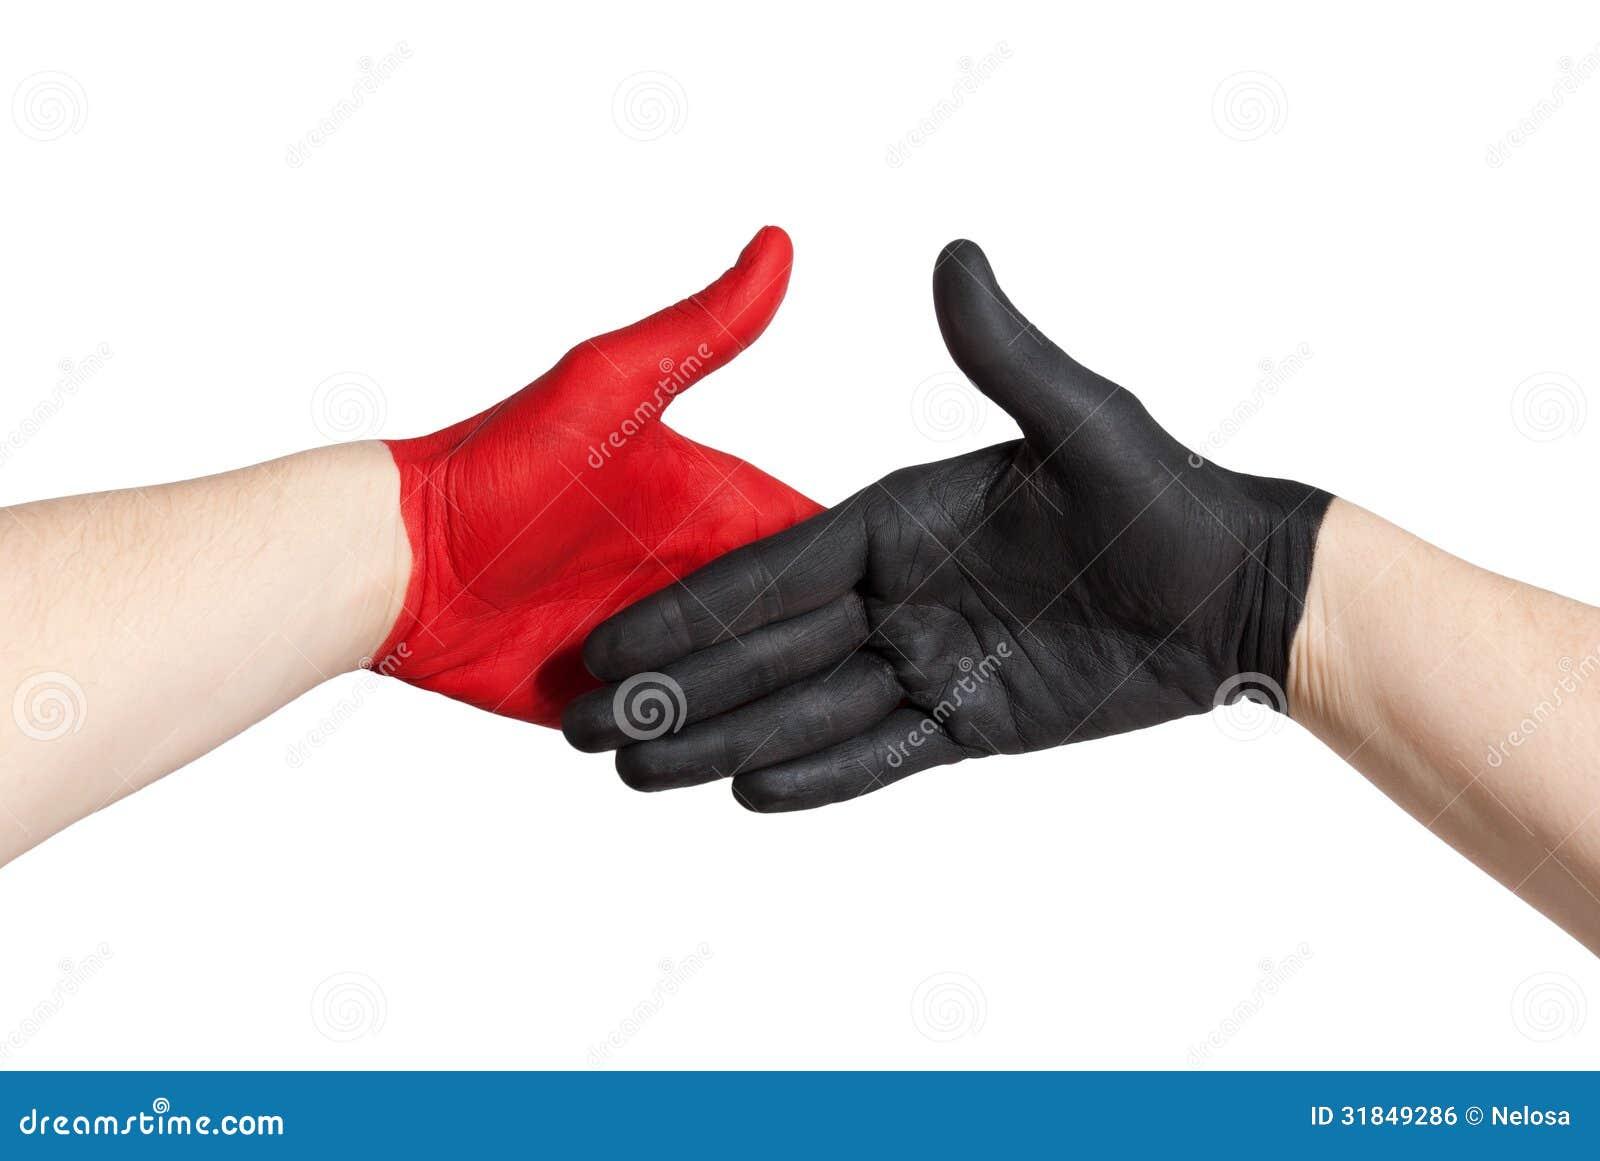 Red and black handshake